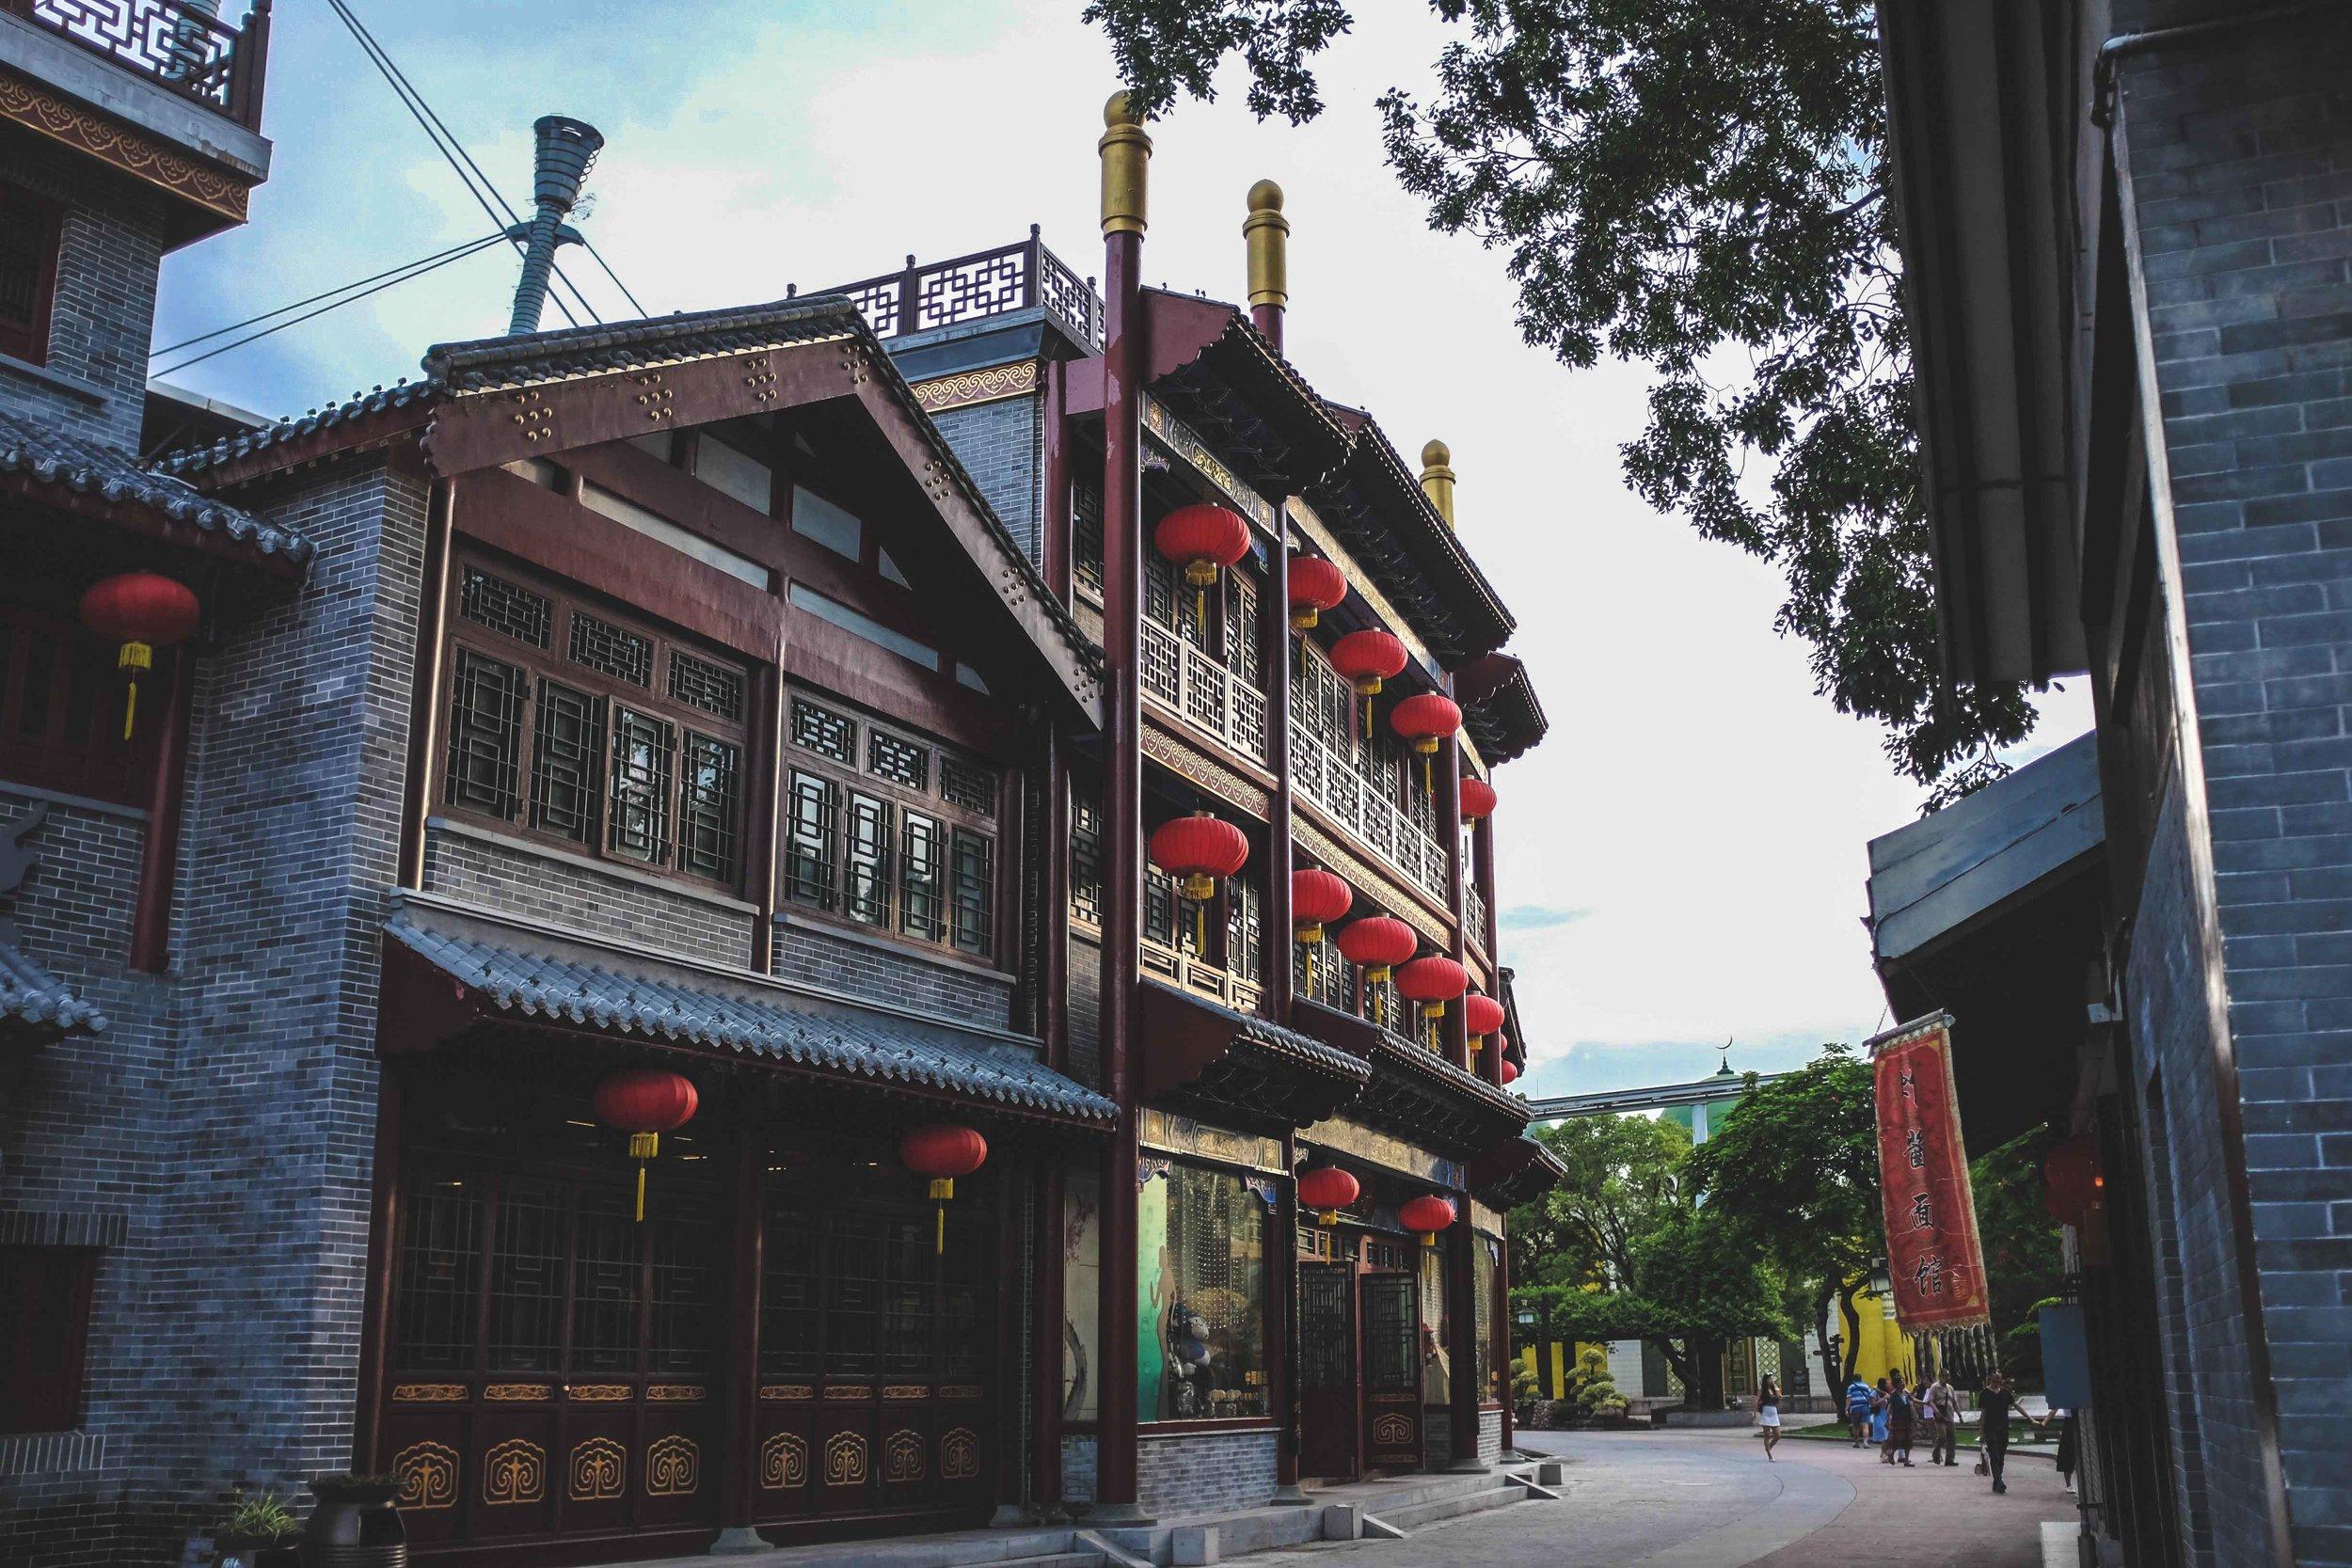 China_x100t_fujifilm_87.jpg